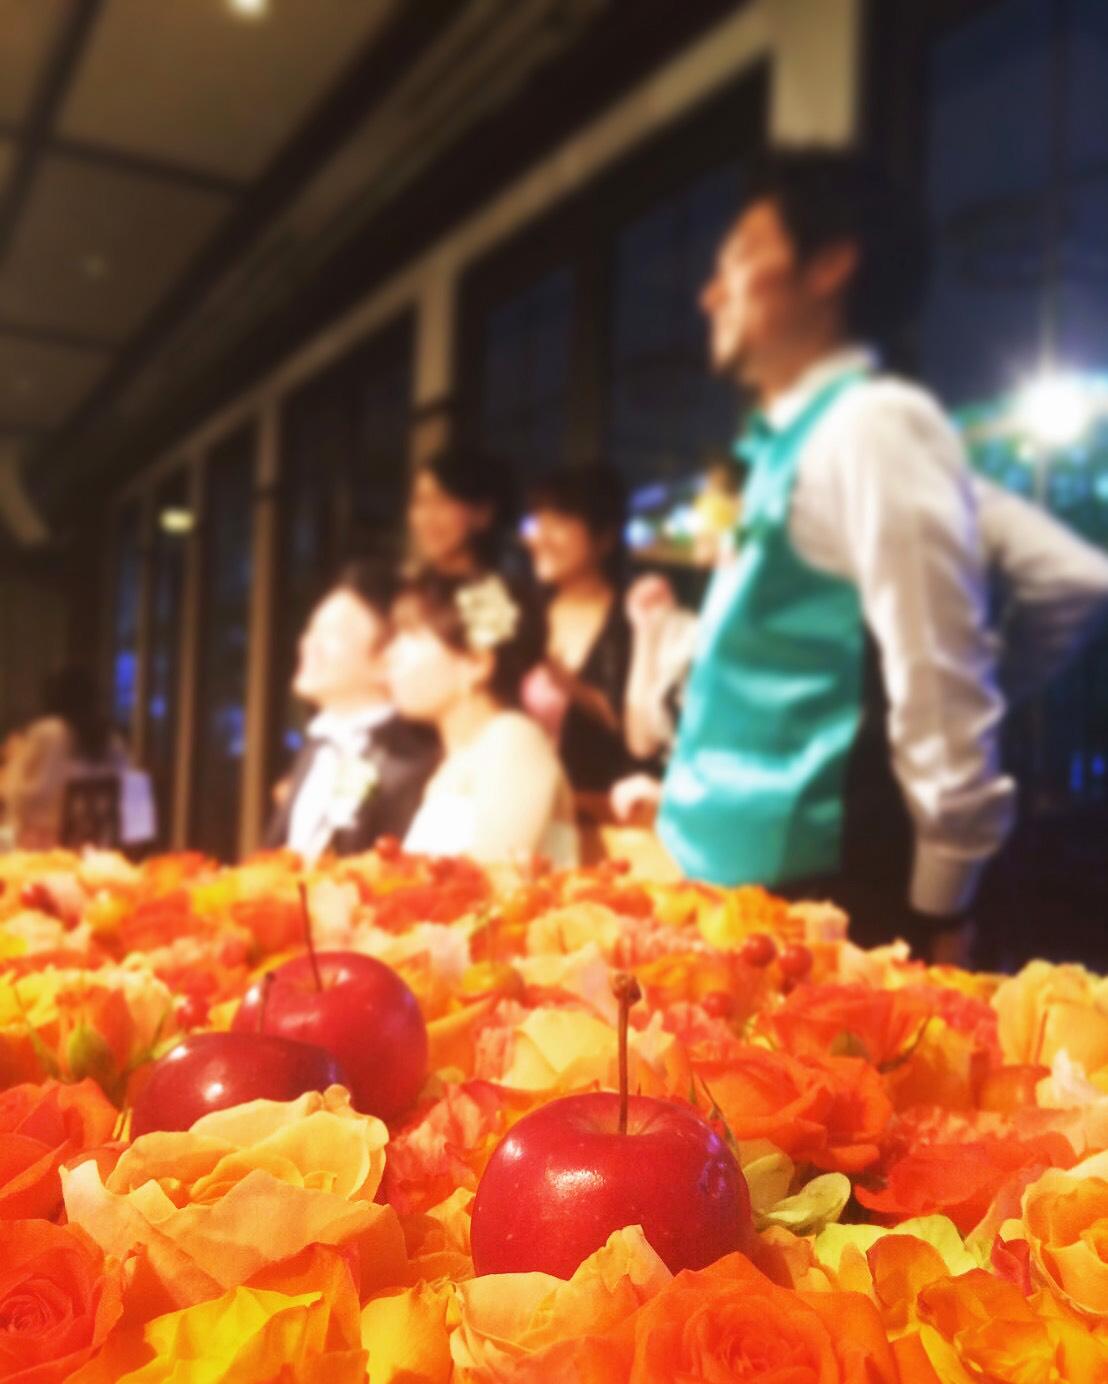 秋の装花 結婚式のフラワーケーキ、オレンジ色で28シェアに 横浜迎賓館さまへ_a0042928_1253142.jpg